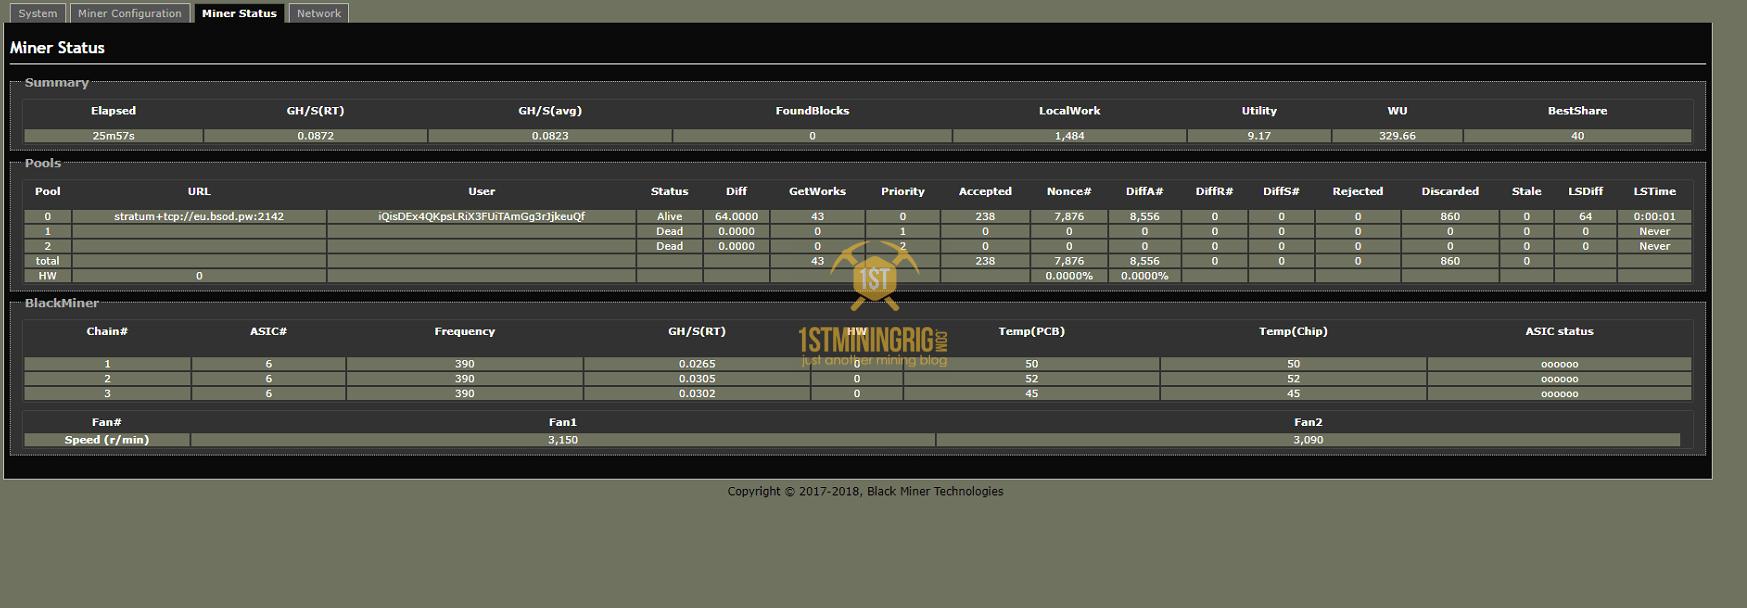 BlackMiner-F1-FPGA-infinex-IFX-Lyra2z-Mining-Hashrate-